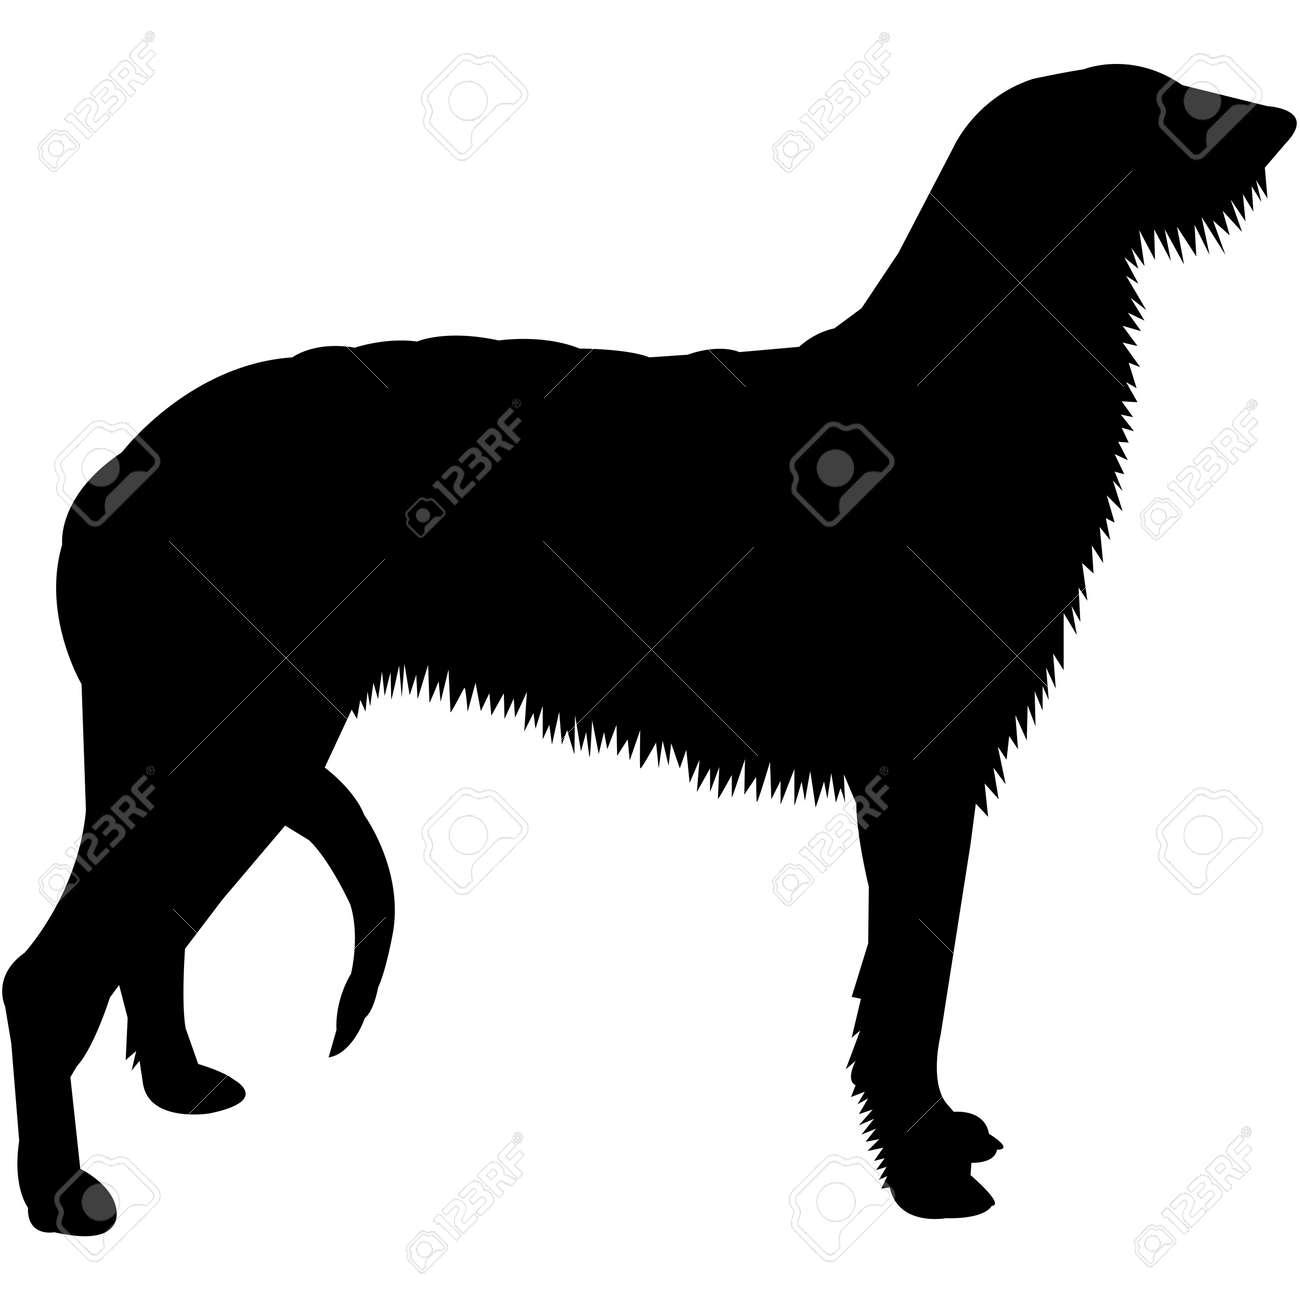 Scottish Deerhound Silhouette Vector - 158518916